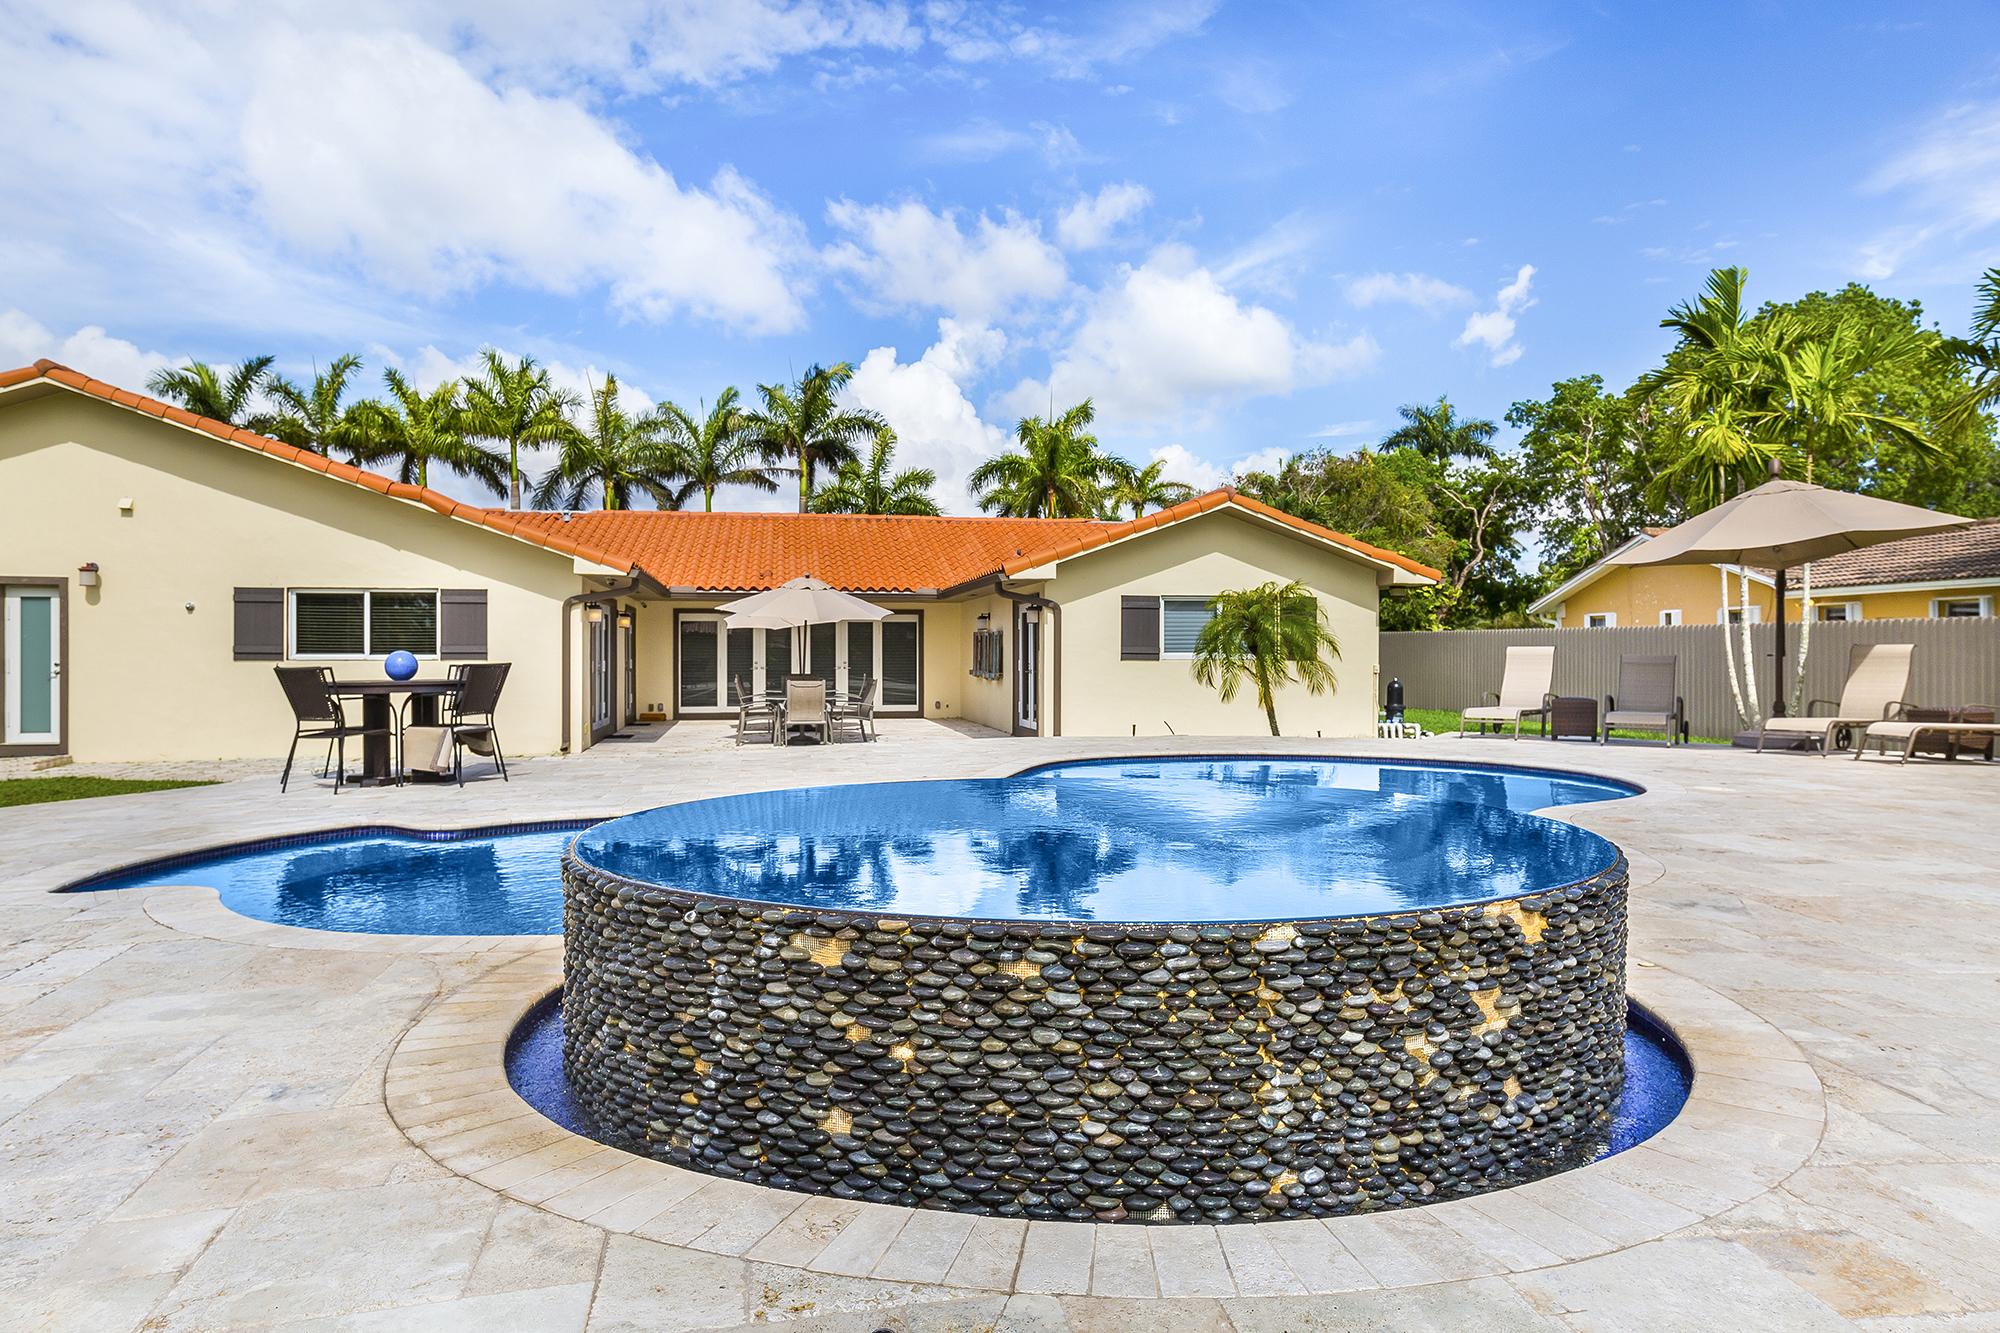 3775 SW 130 Ave. Miami, FL 33175